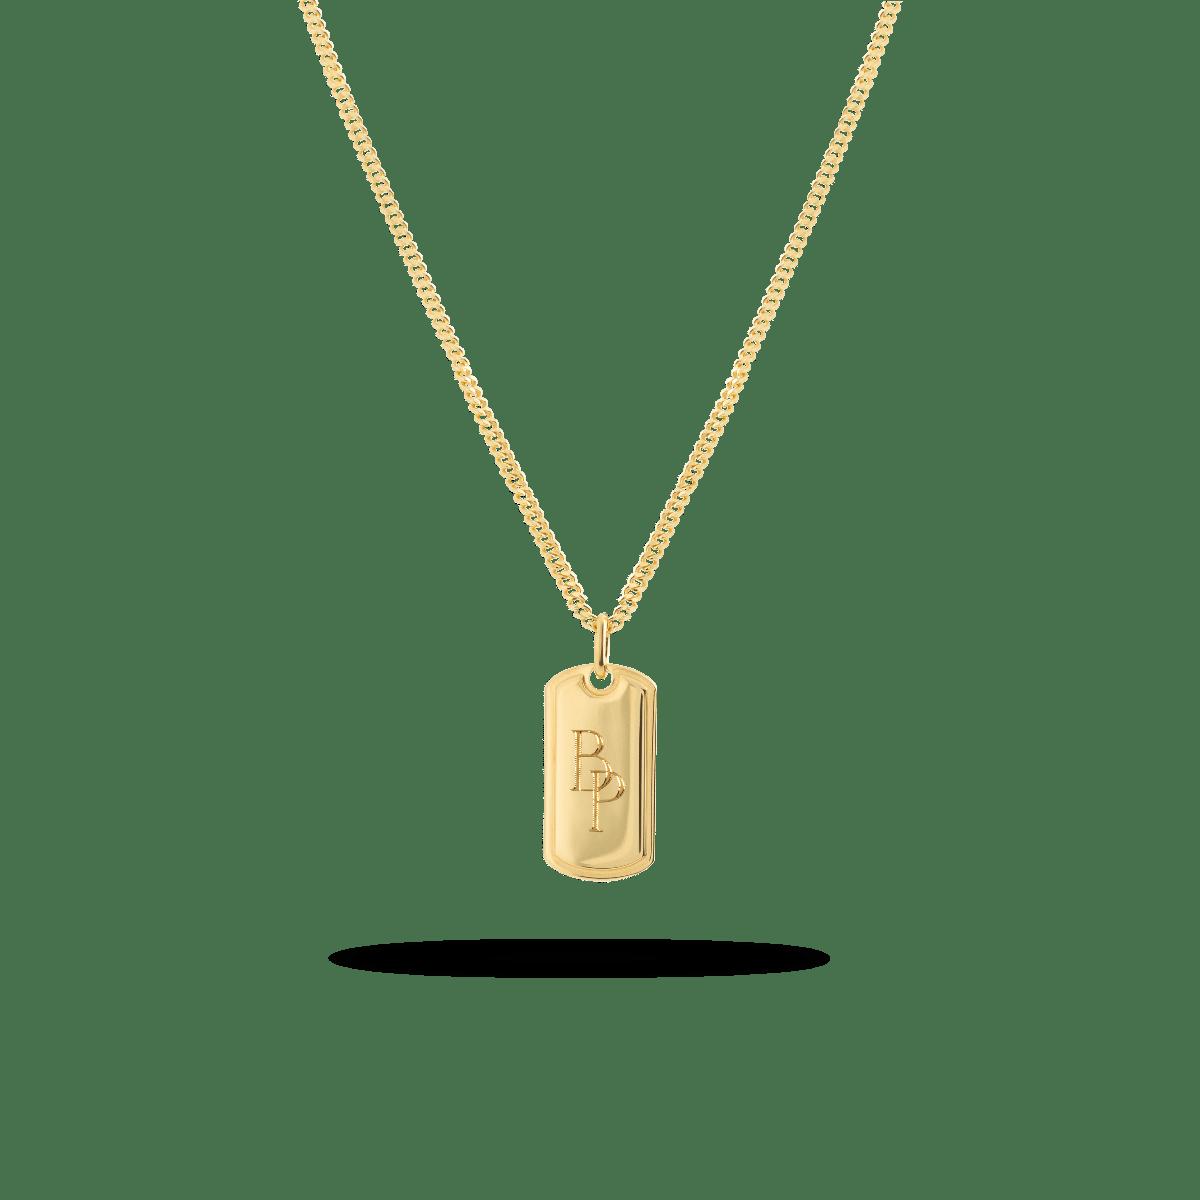 Monogram Tag Necklace